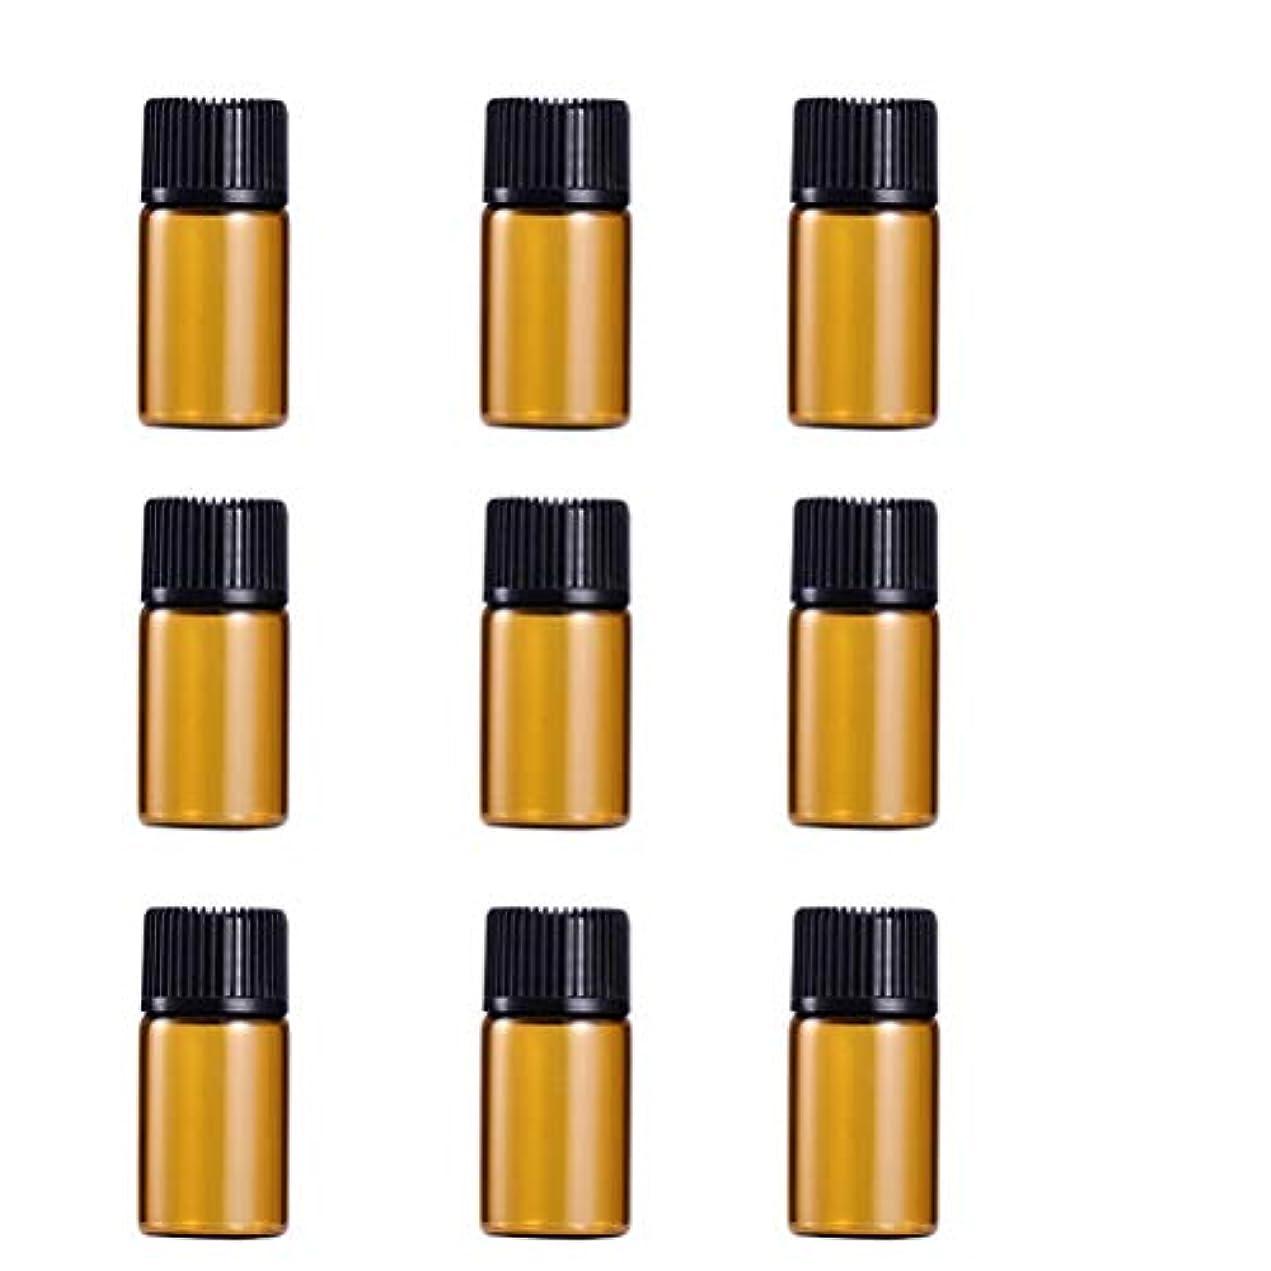 大通りアラスカメロドラマWINOMO 遮光瓶 アロマオイル 精油 小分け用 遮光瓶セット アロマボトル 保存容器 エッセンシャルオイル 香水 保存用 詰替え ガラス 茶色(9個入り 3ml)